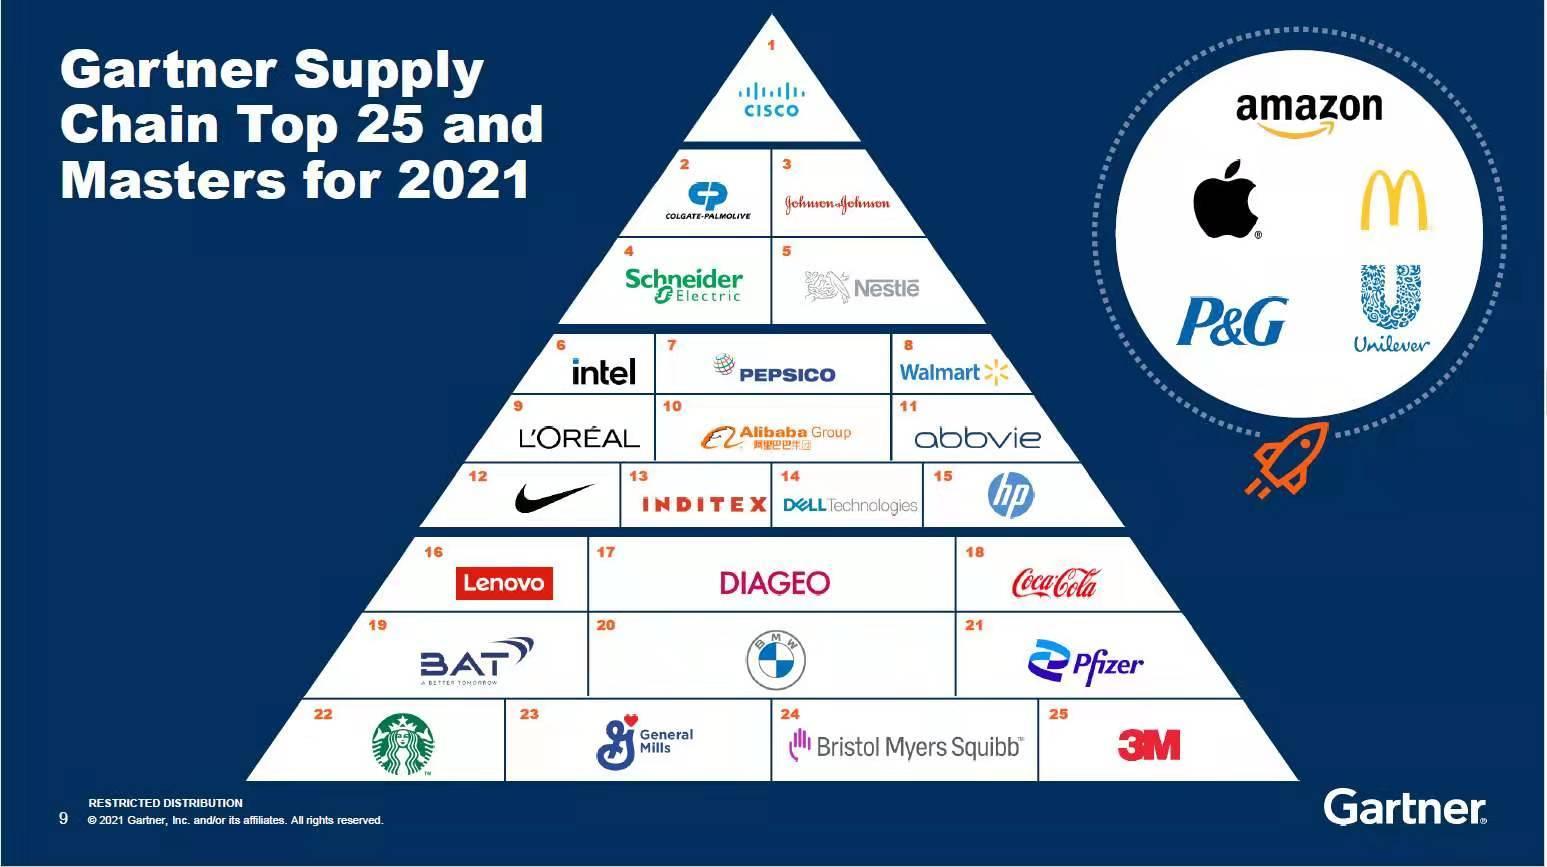 2021年Gartner 供应链全球前25强发布